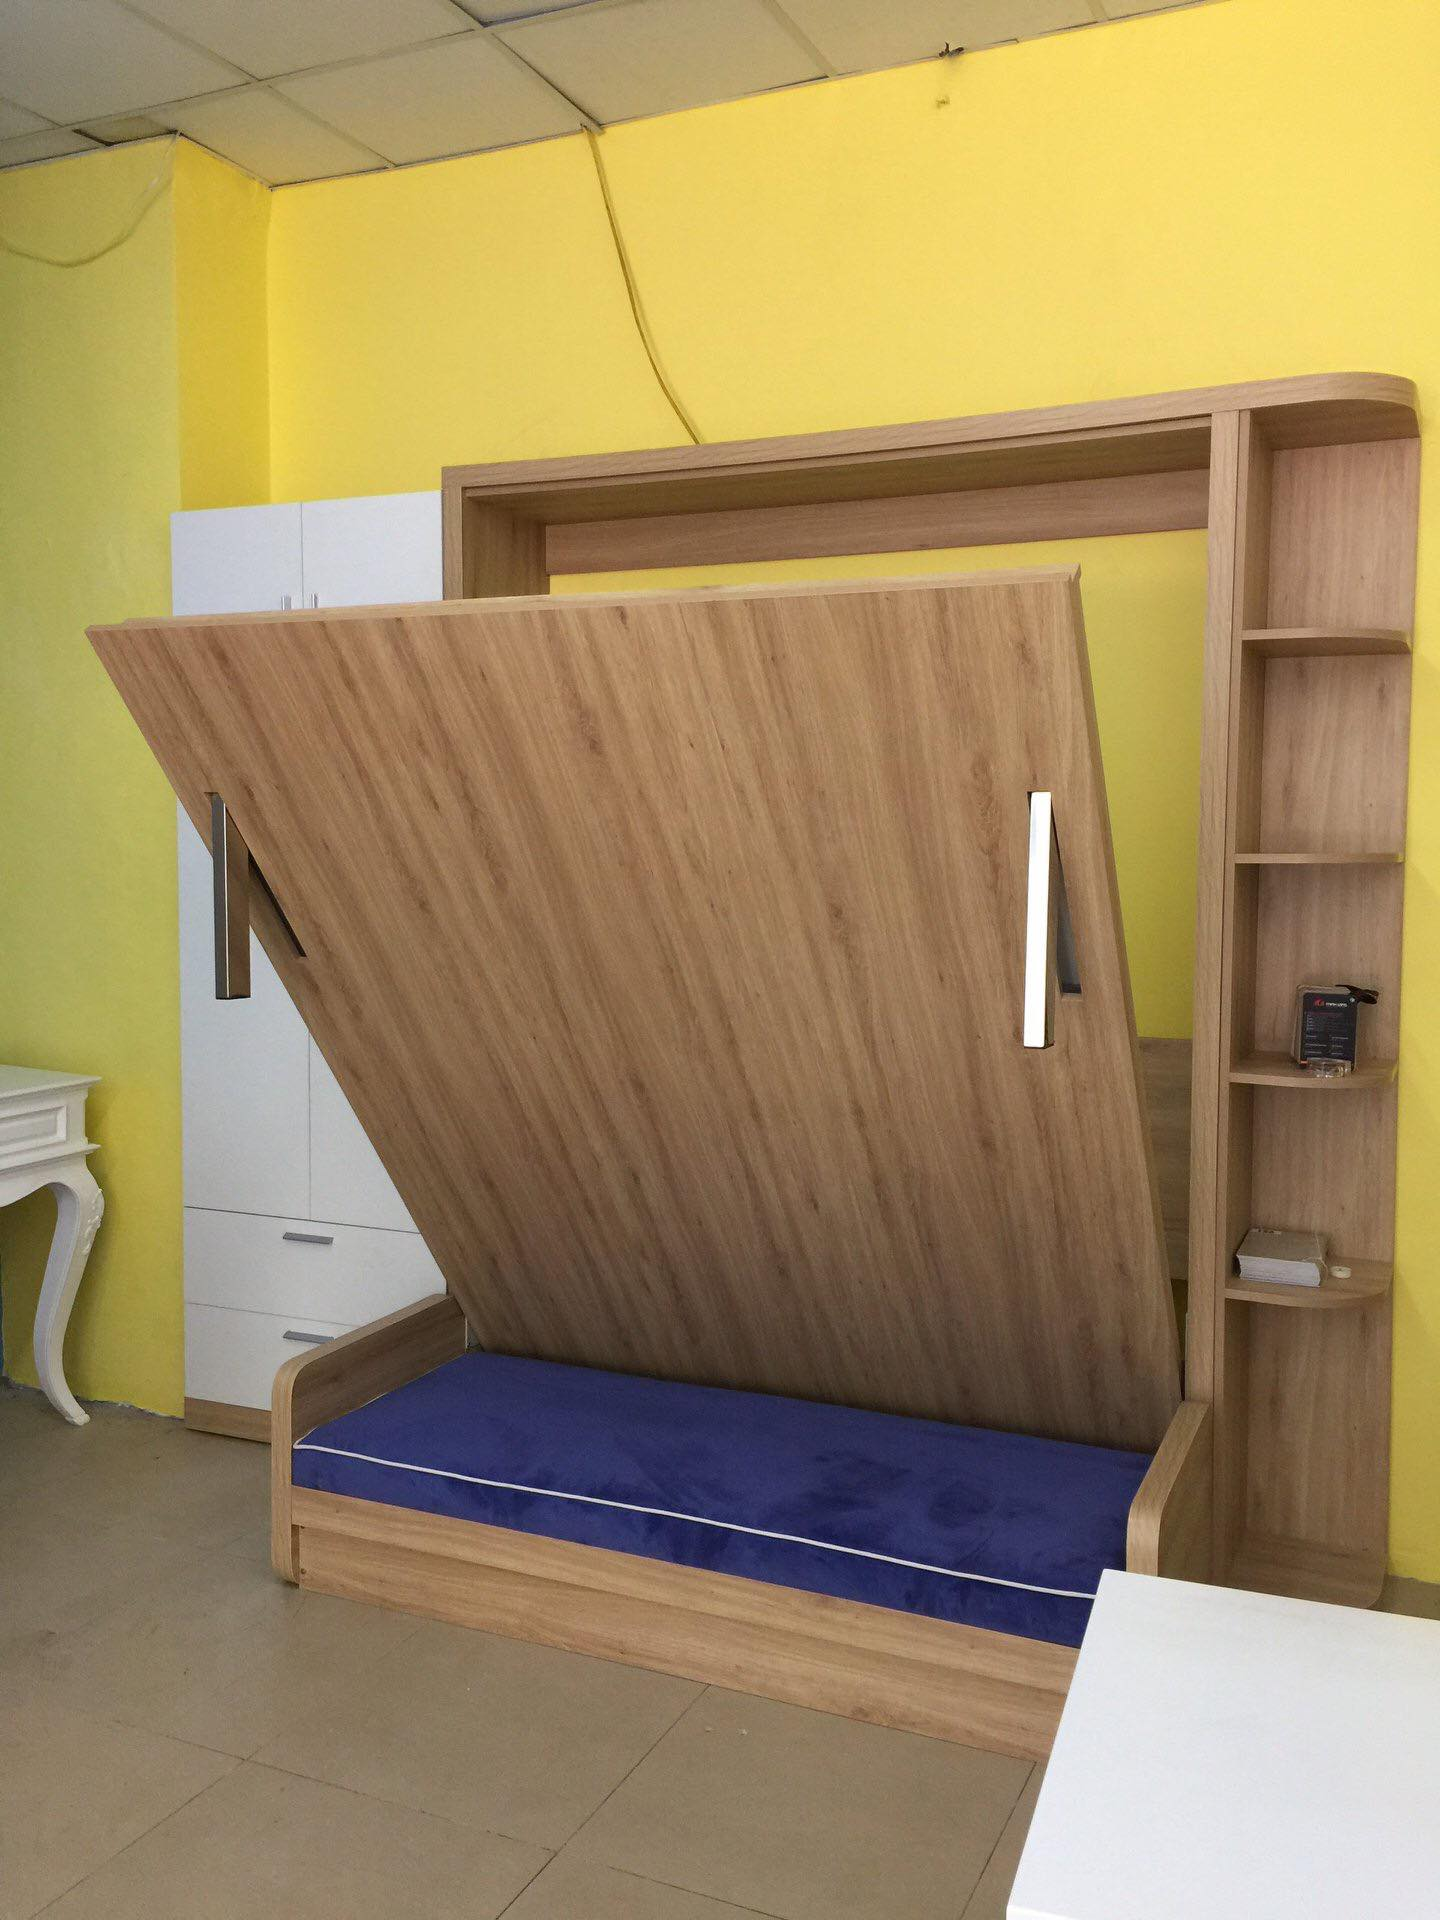 giường ngủ thông minh kết hợp đà nẵng 0974480518